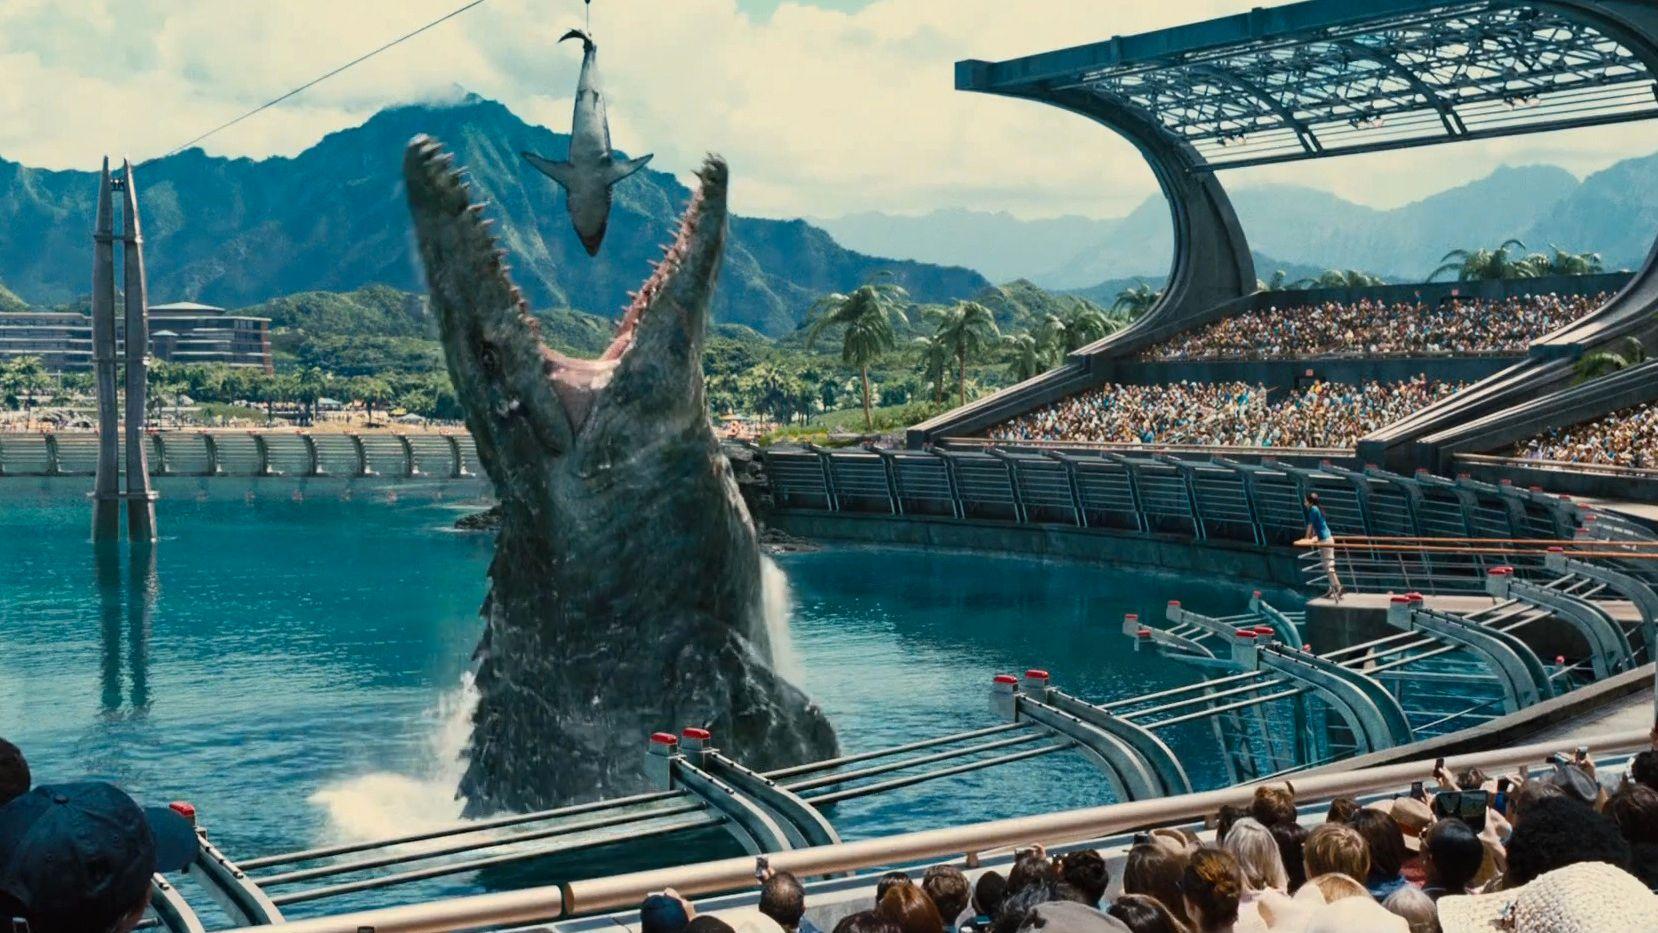 Hvor mye ville en ekte Jurassic Park kostet?